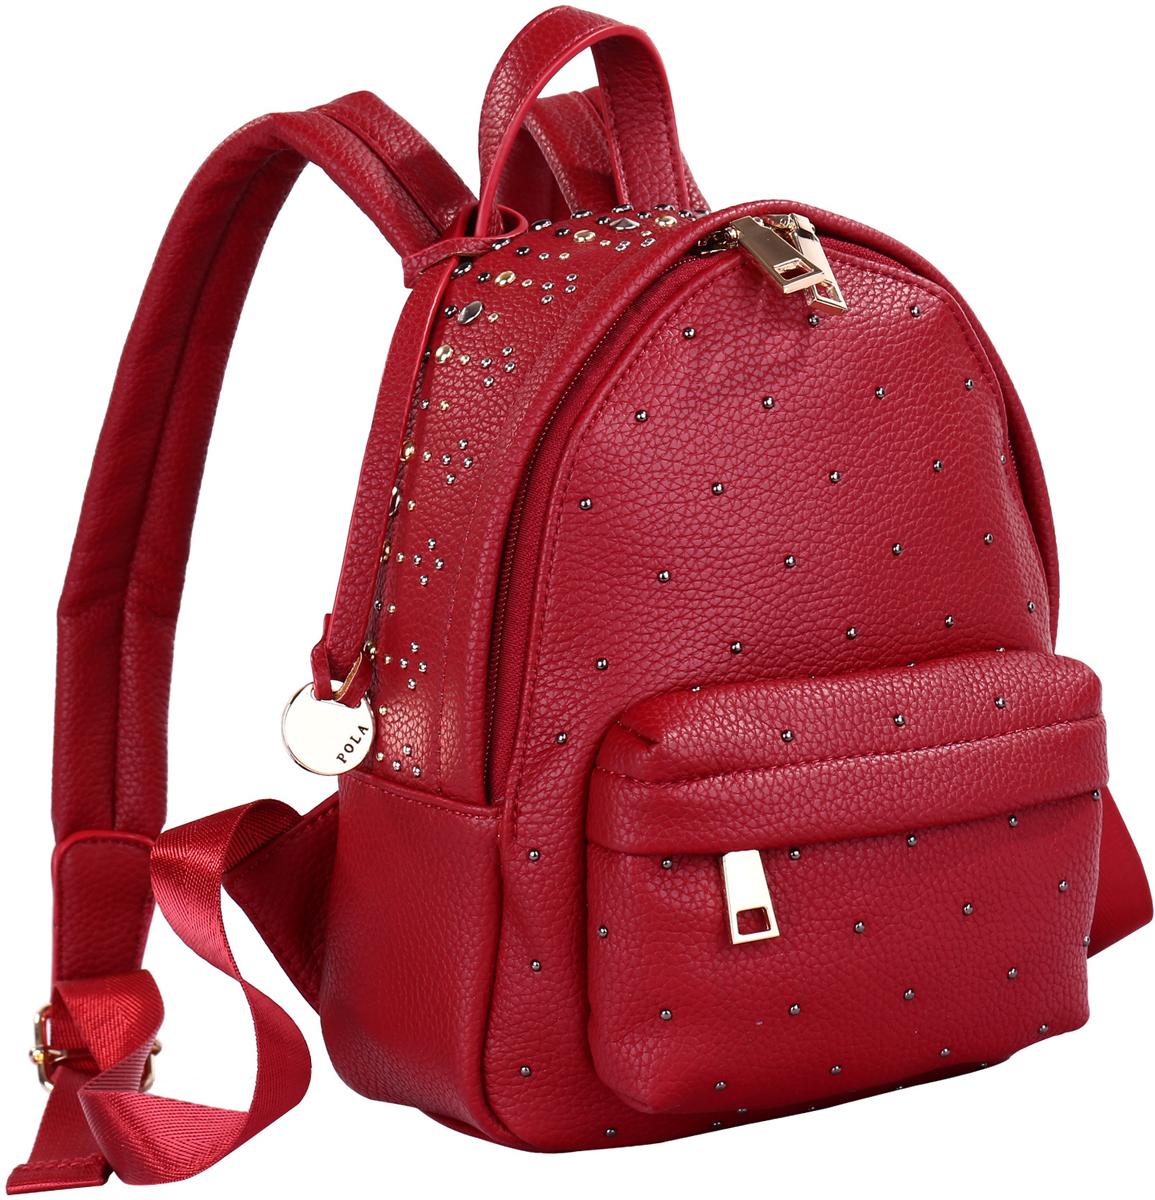 Рюкзак женский Pola, цвет: красный. 74521